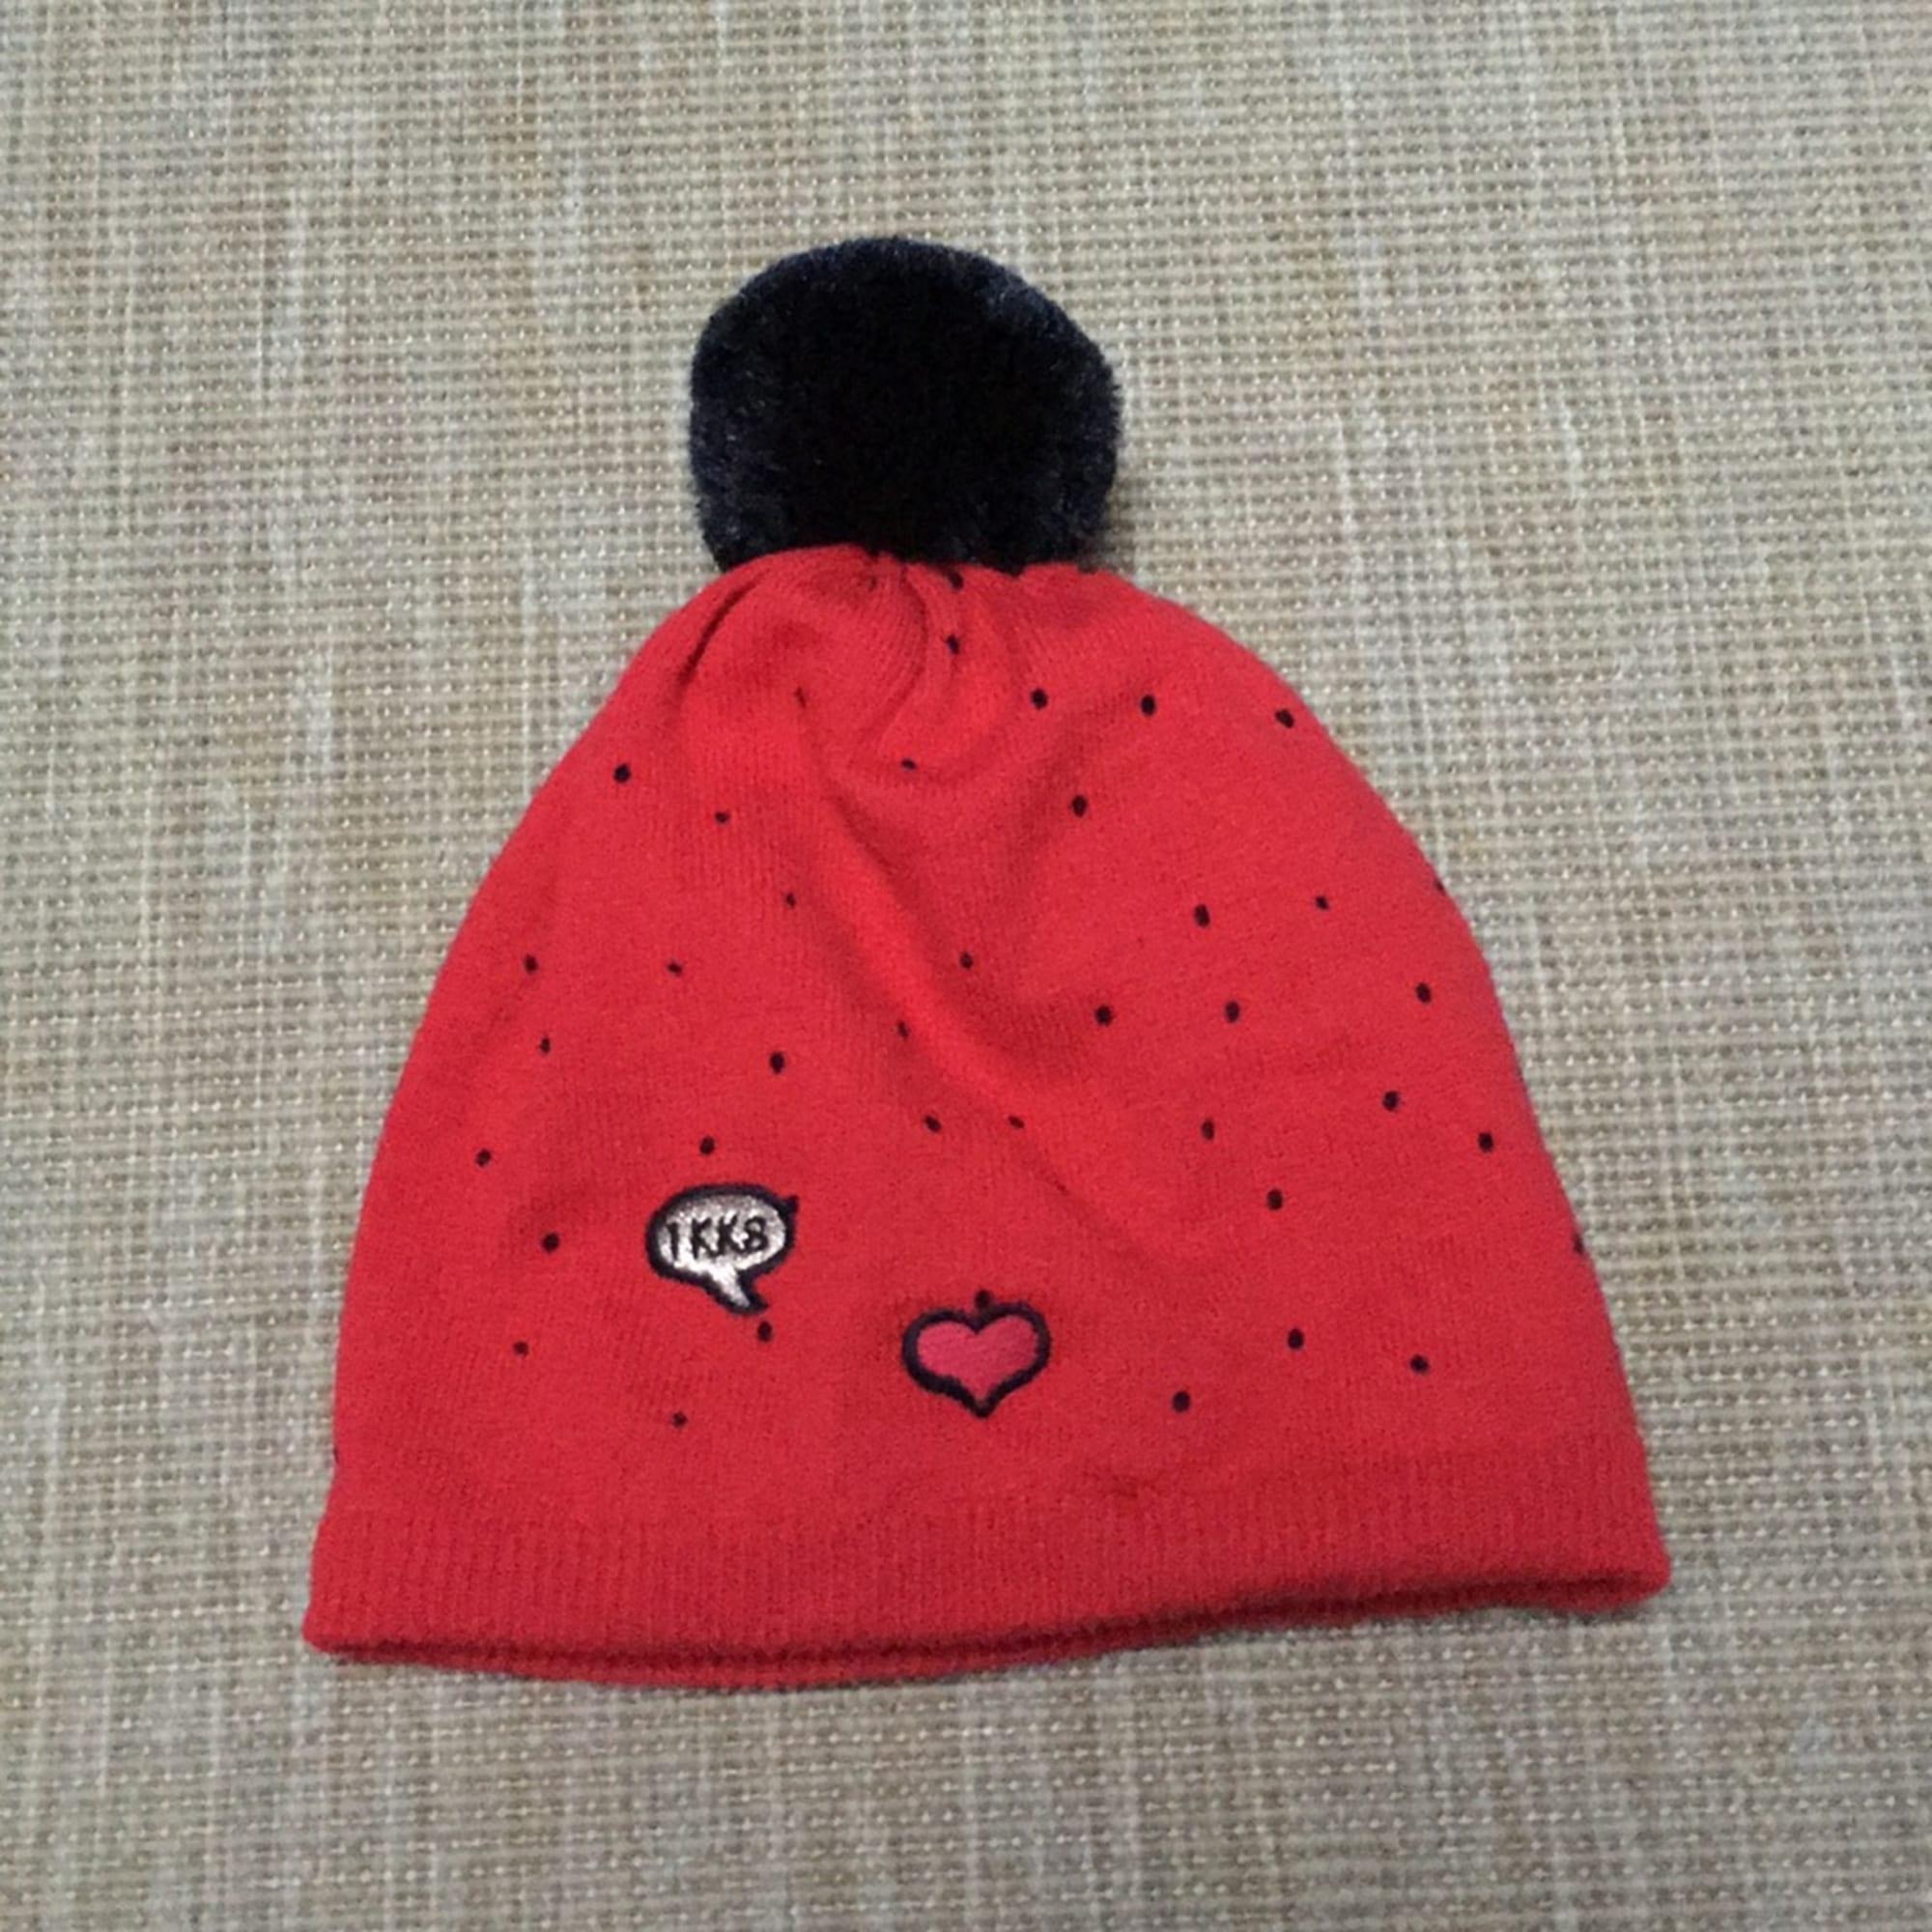 Mütze IKKS Rot, bordeauxrot